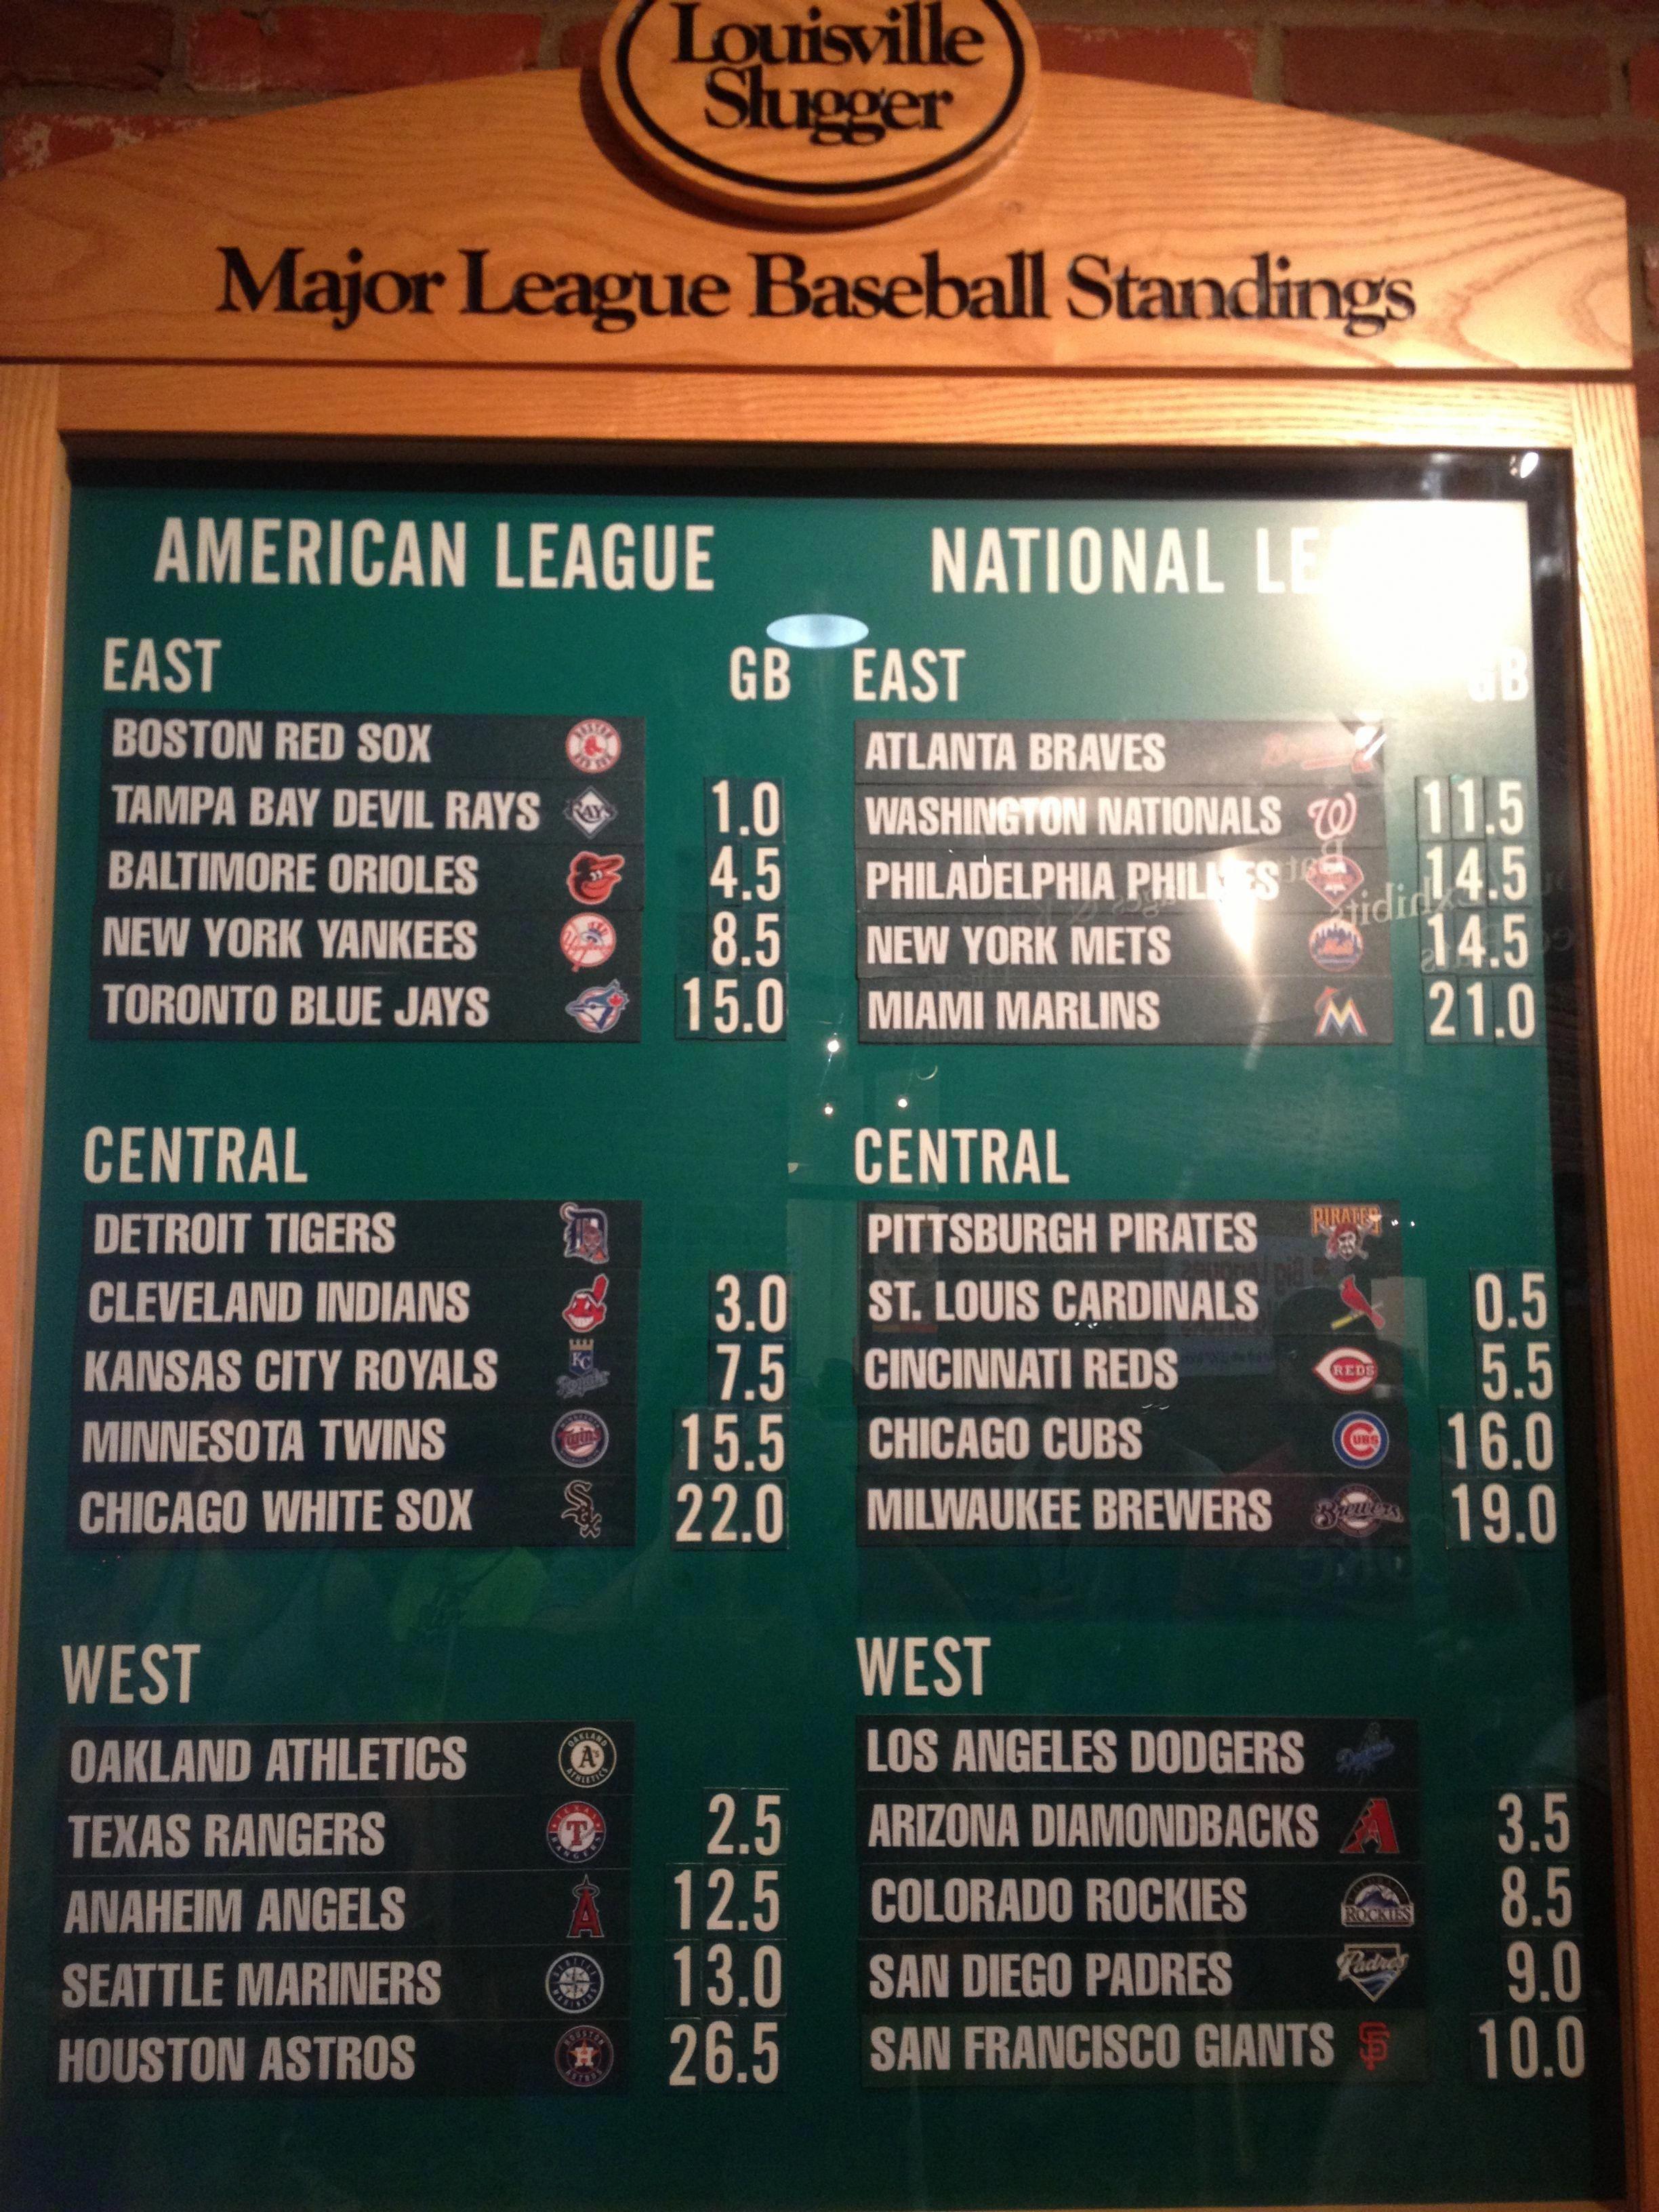 Mlb Standings Board Aug 3rd Baseballstandings Baseballprospectus Mlb Standings Baseball Scoreboard Backyard Baseball